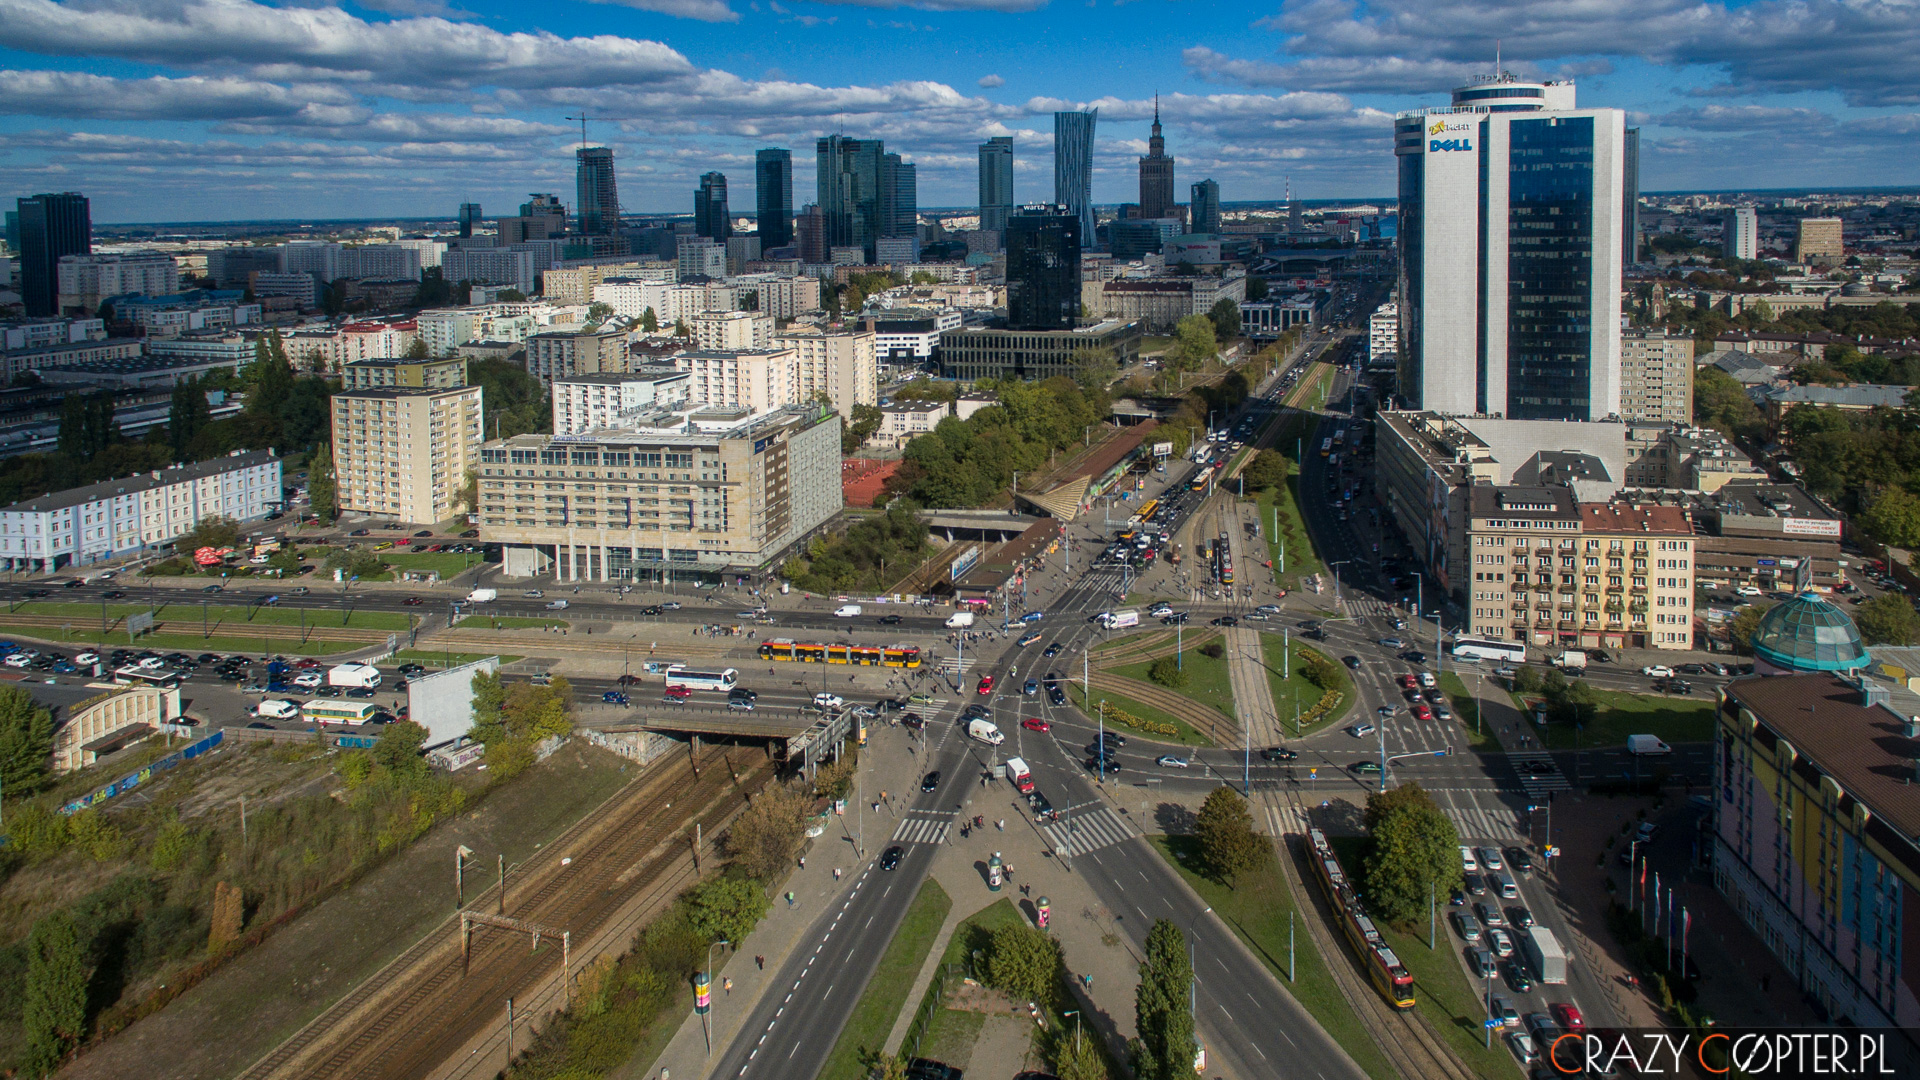 Zdjęcia z drona nieruchomości - Millennium Plaza przy Alejach Jerozolimskich w Warszawie.